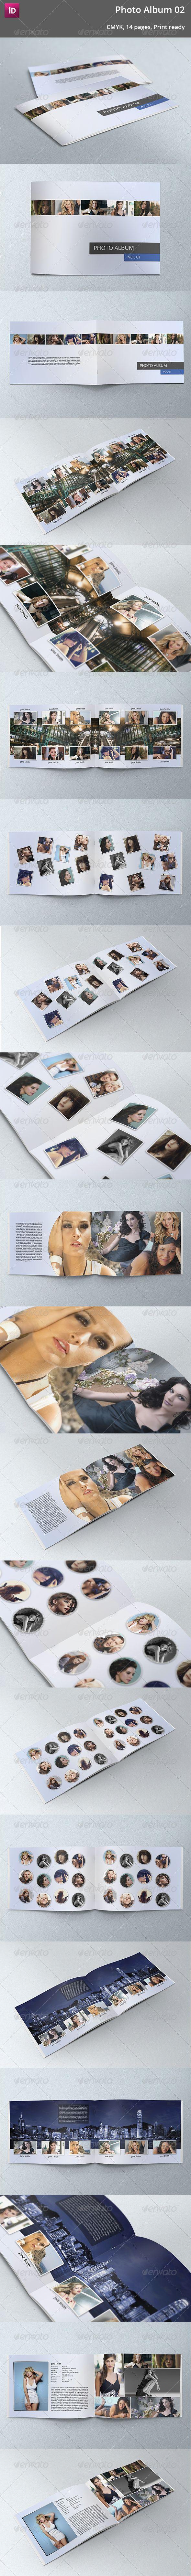 Modern Photo Album 02 - Photo Albums Print Templates